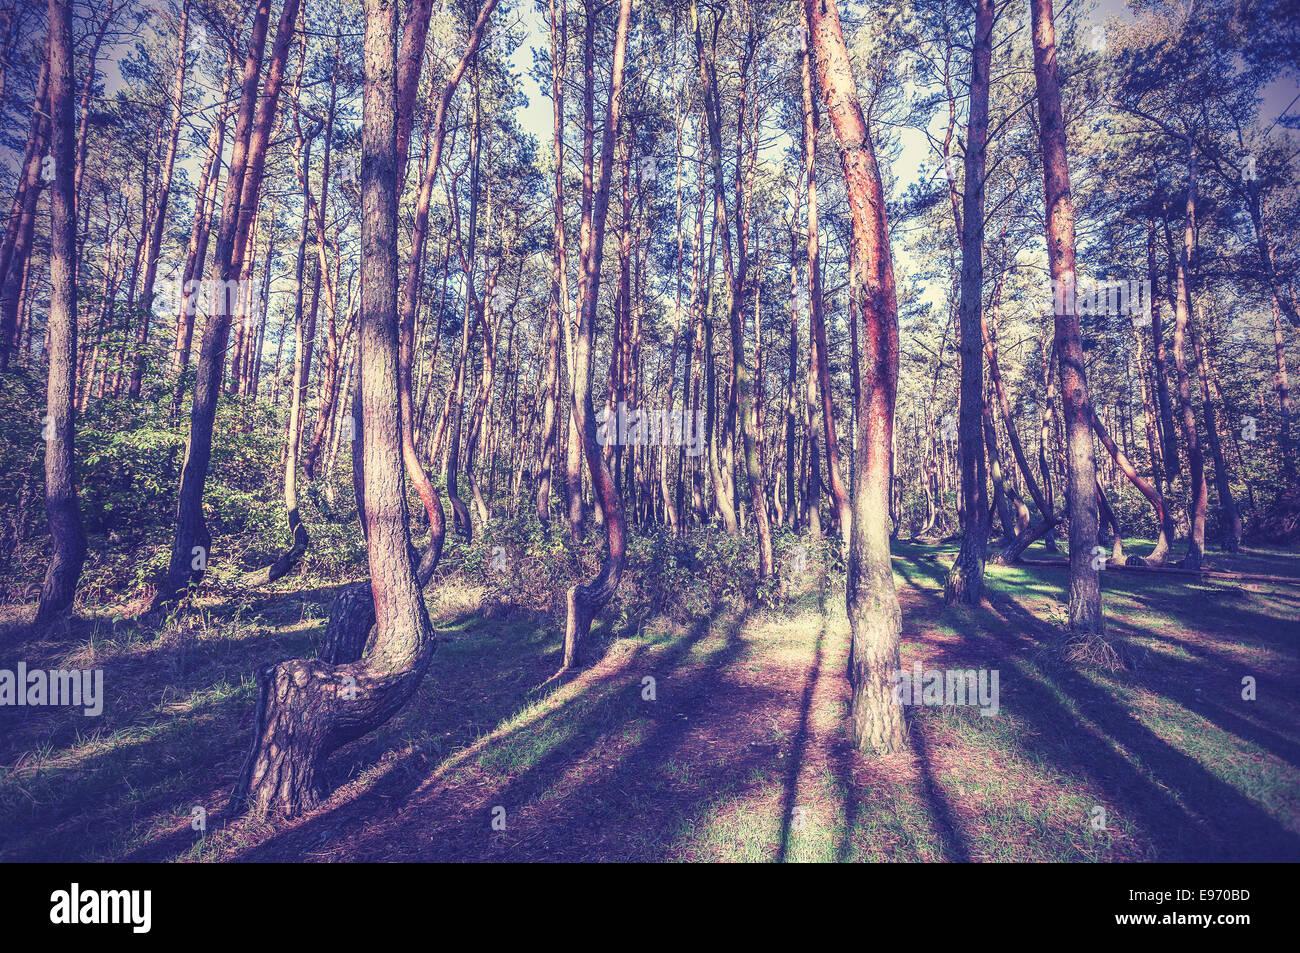 Vintage-Stil Bild Crooked Wald, Polen. Stockbild